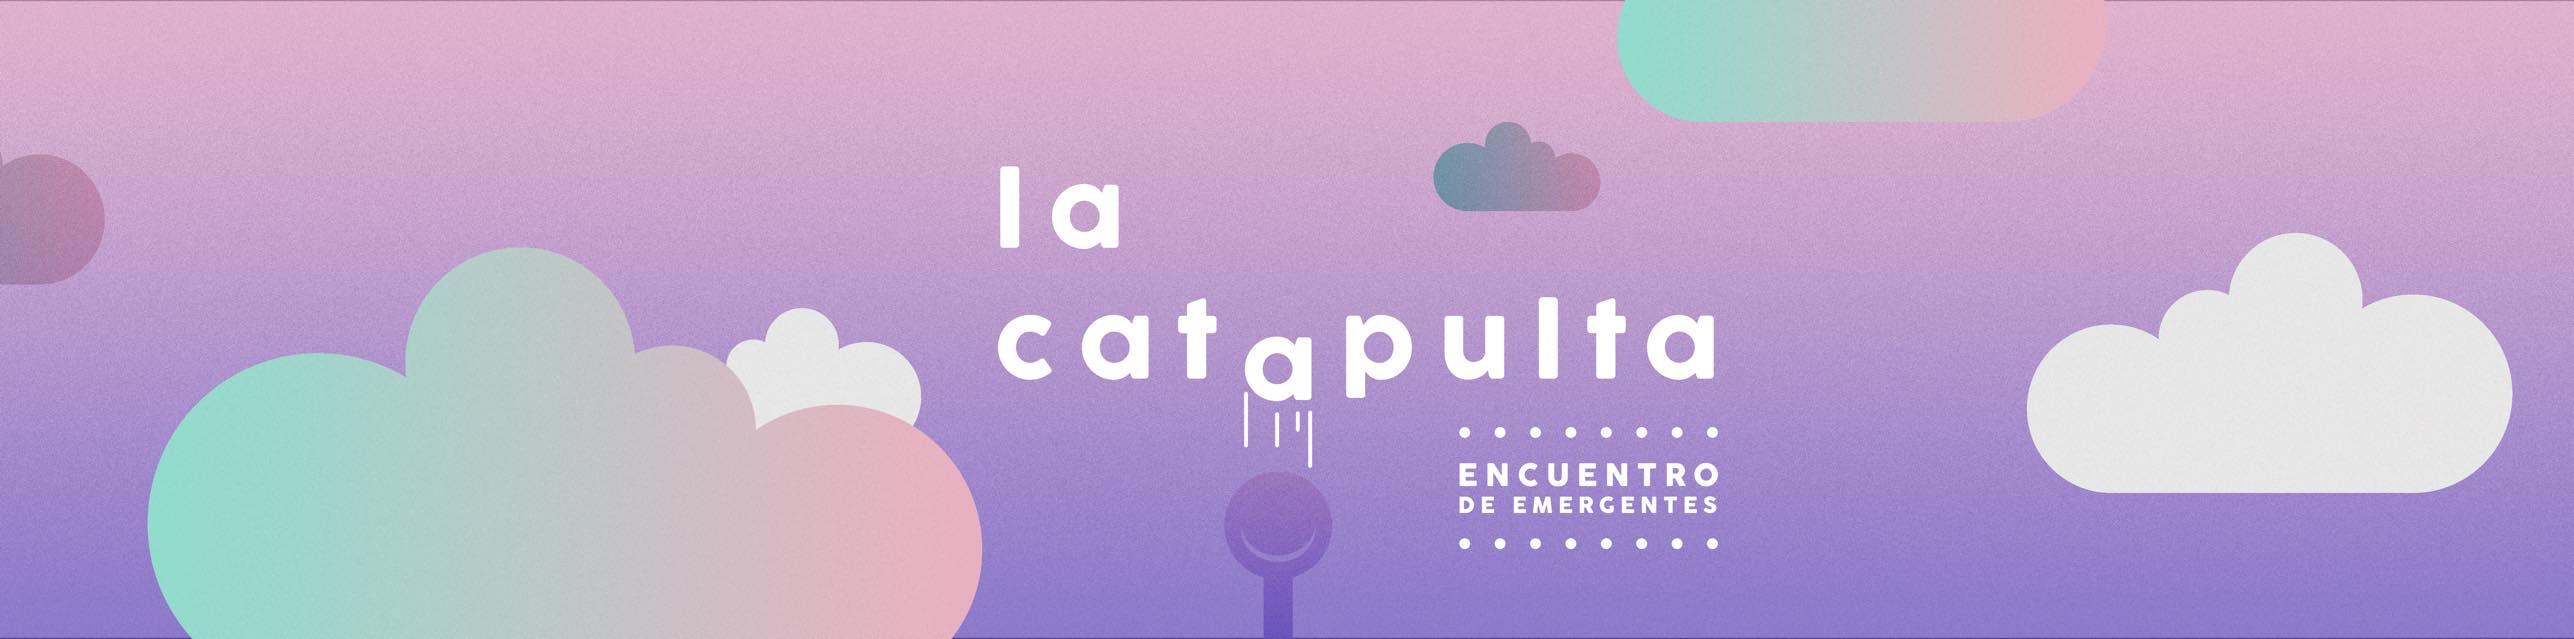 LA CATAPULTA - Encuentro de Coreógrafxs Emergentes PRESENCIAL Y SEGURO